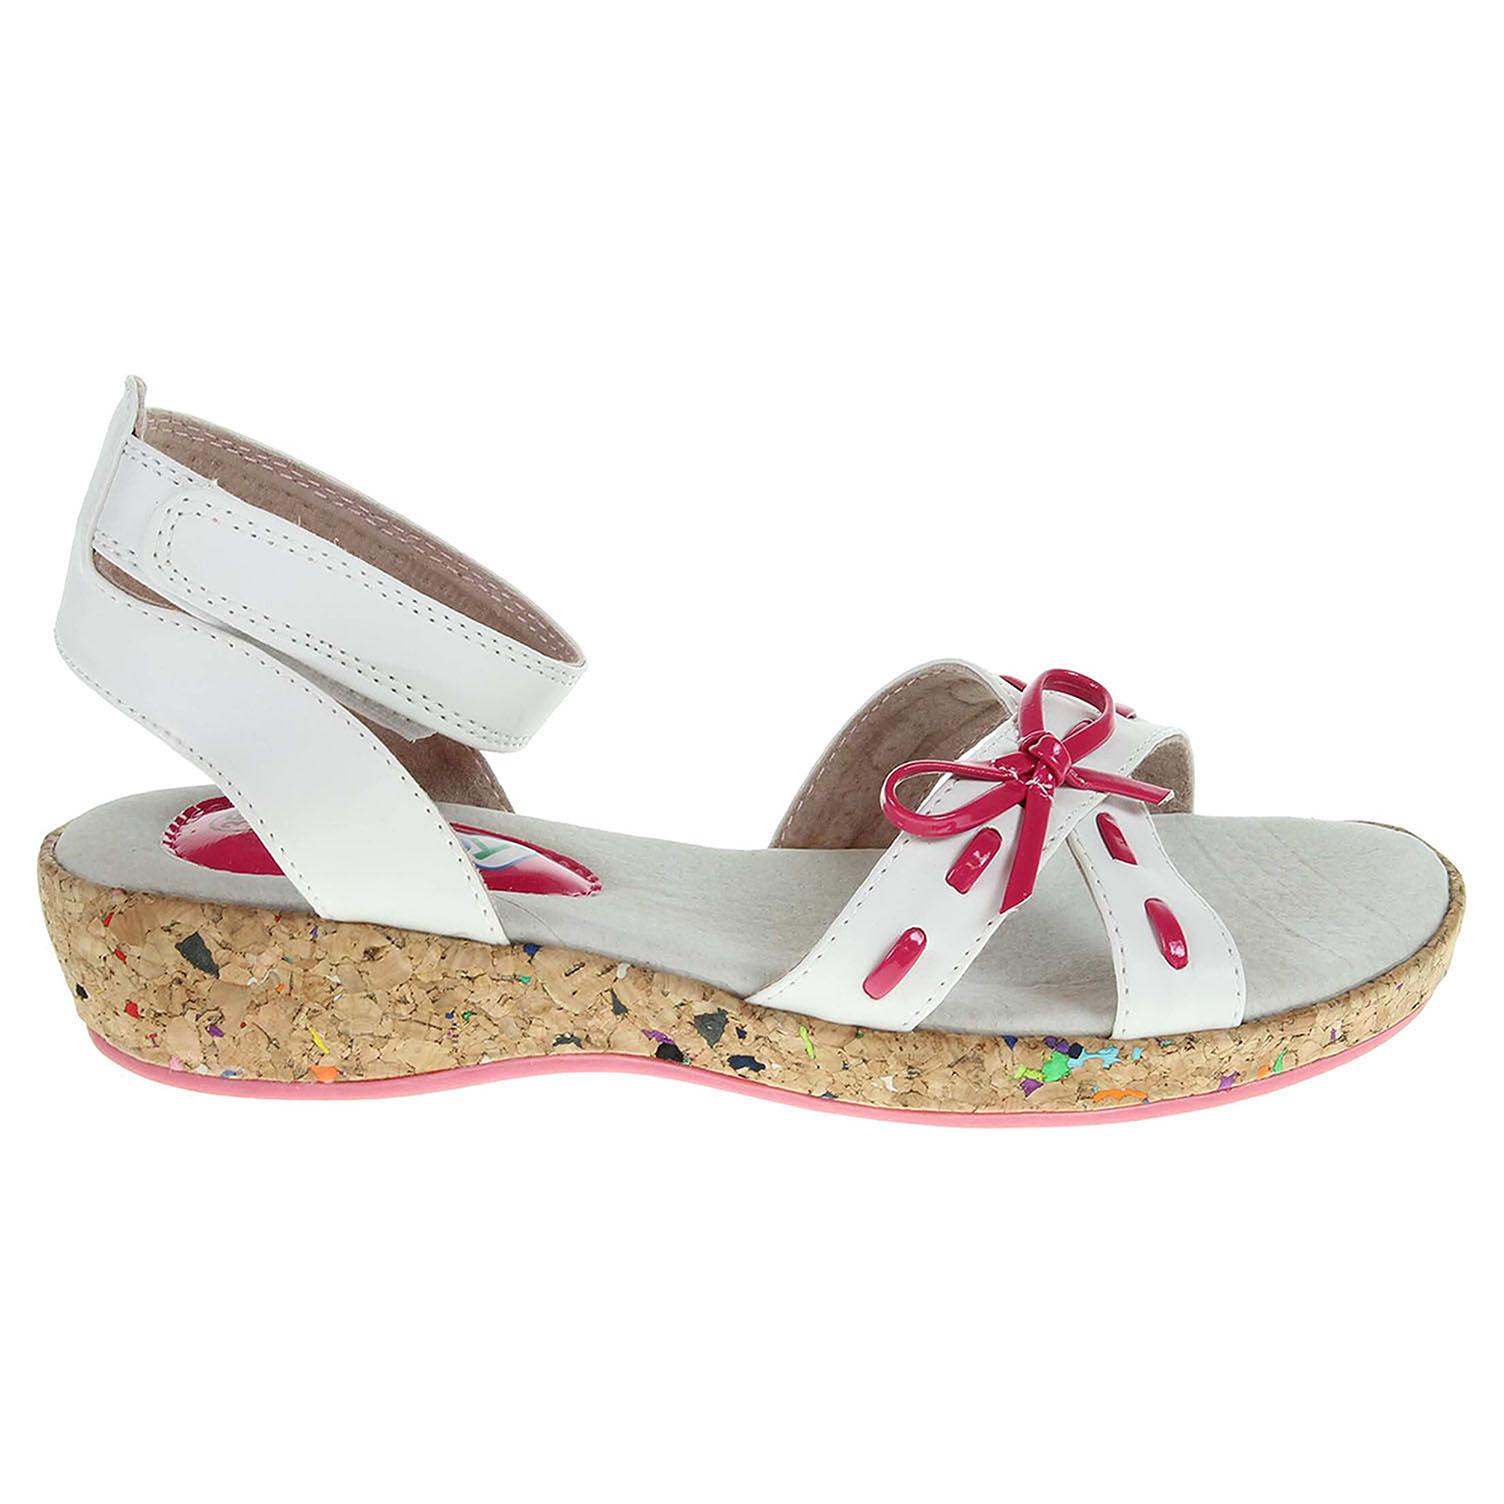 Ecco Peddy dívčí sandály PU-518-33-06 bílá-růžová 26100109 d20f911480e